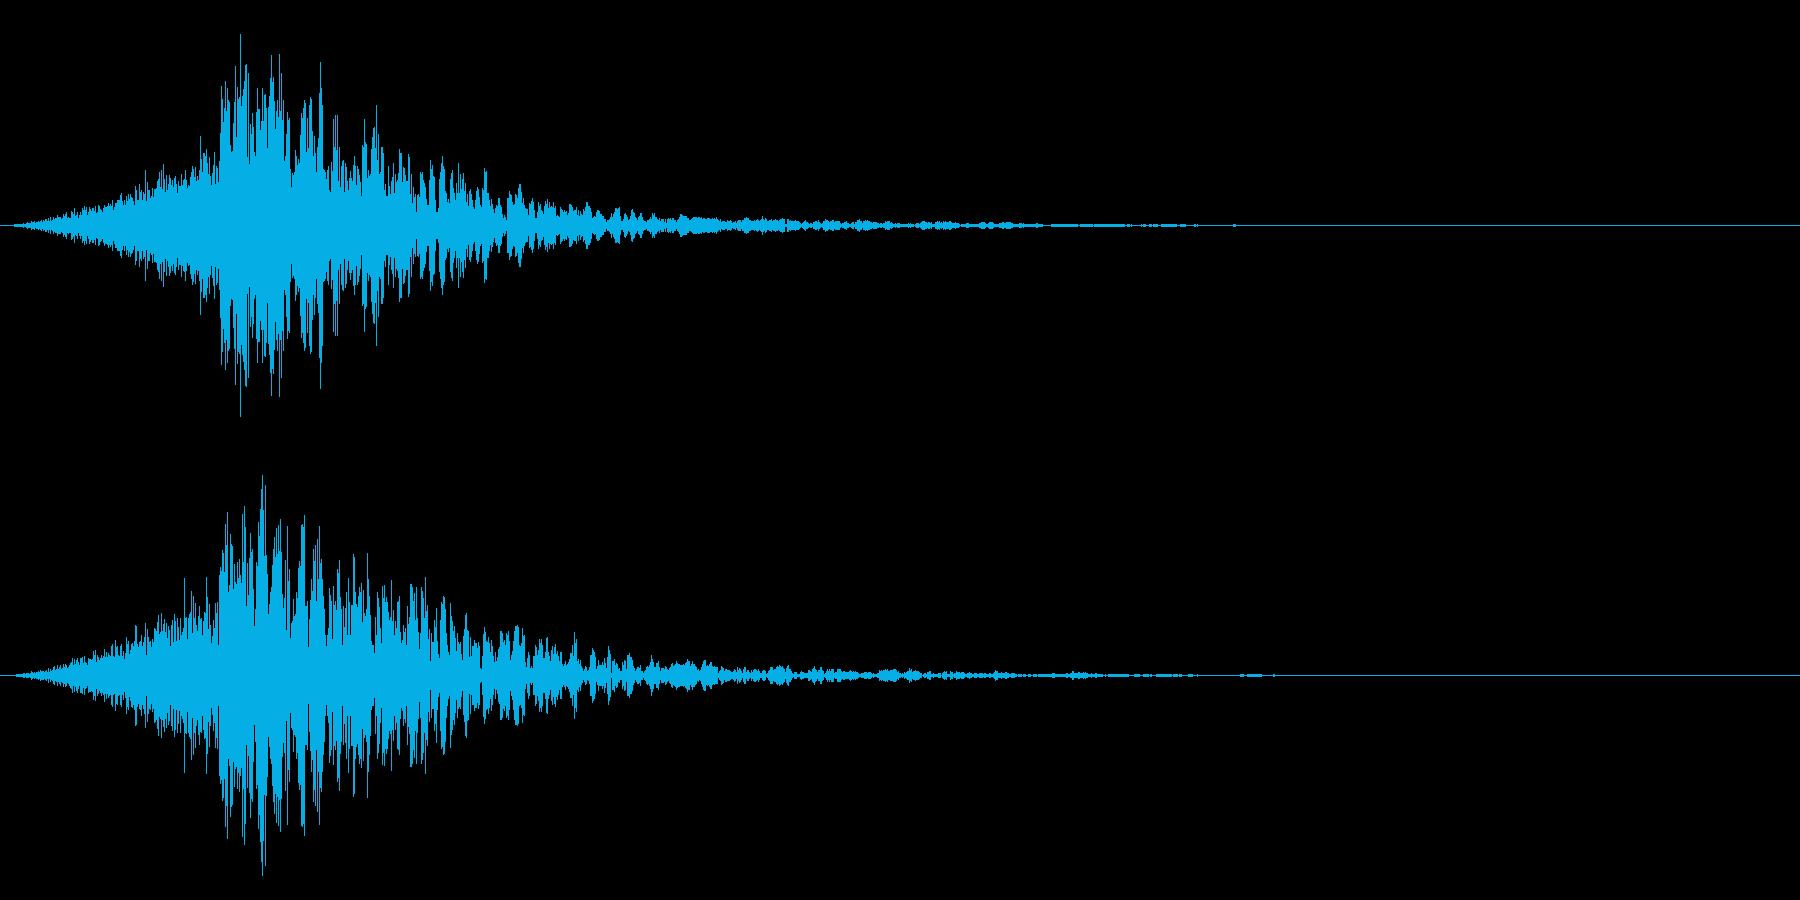 シュードーン-38-4(インパクト音)の再生済みの波形